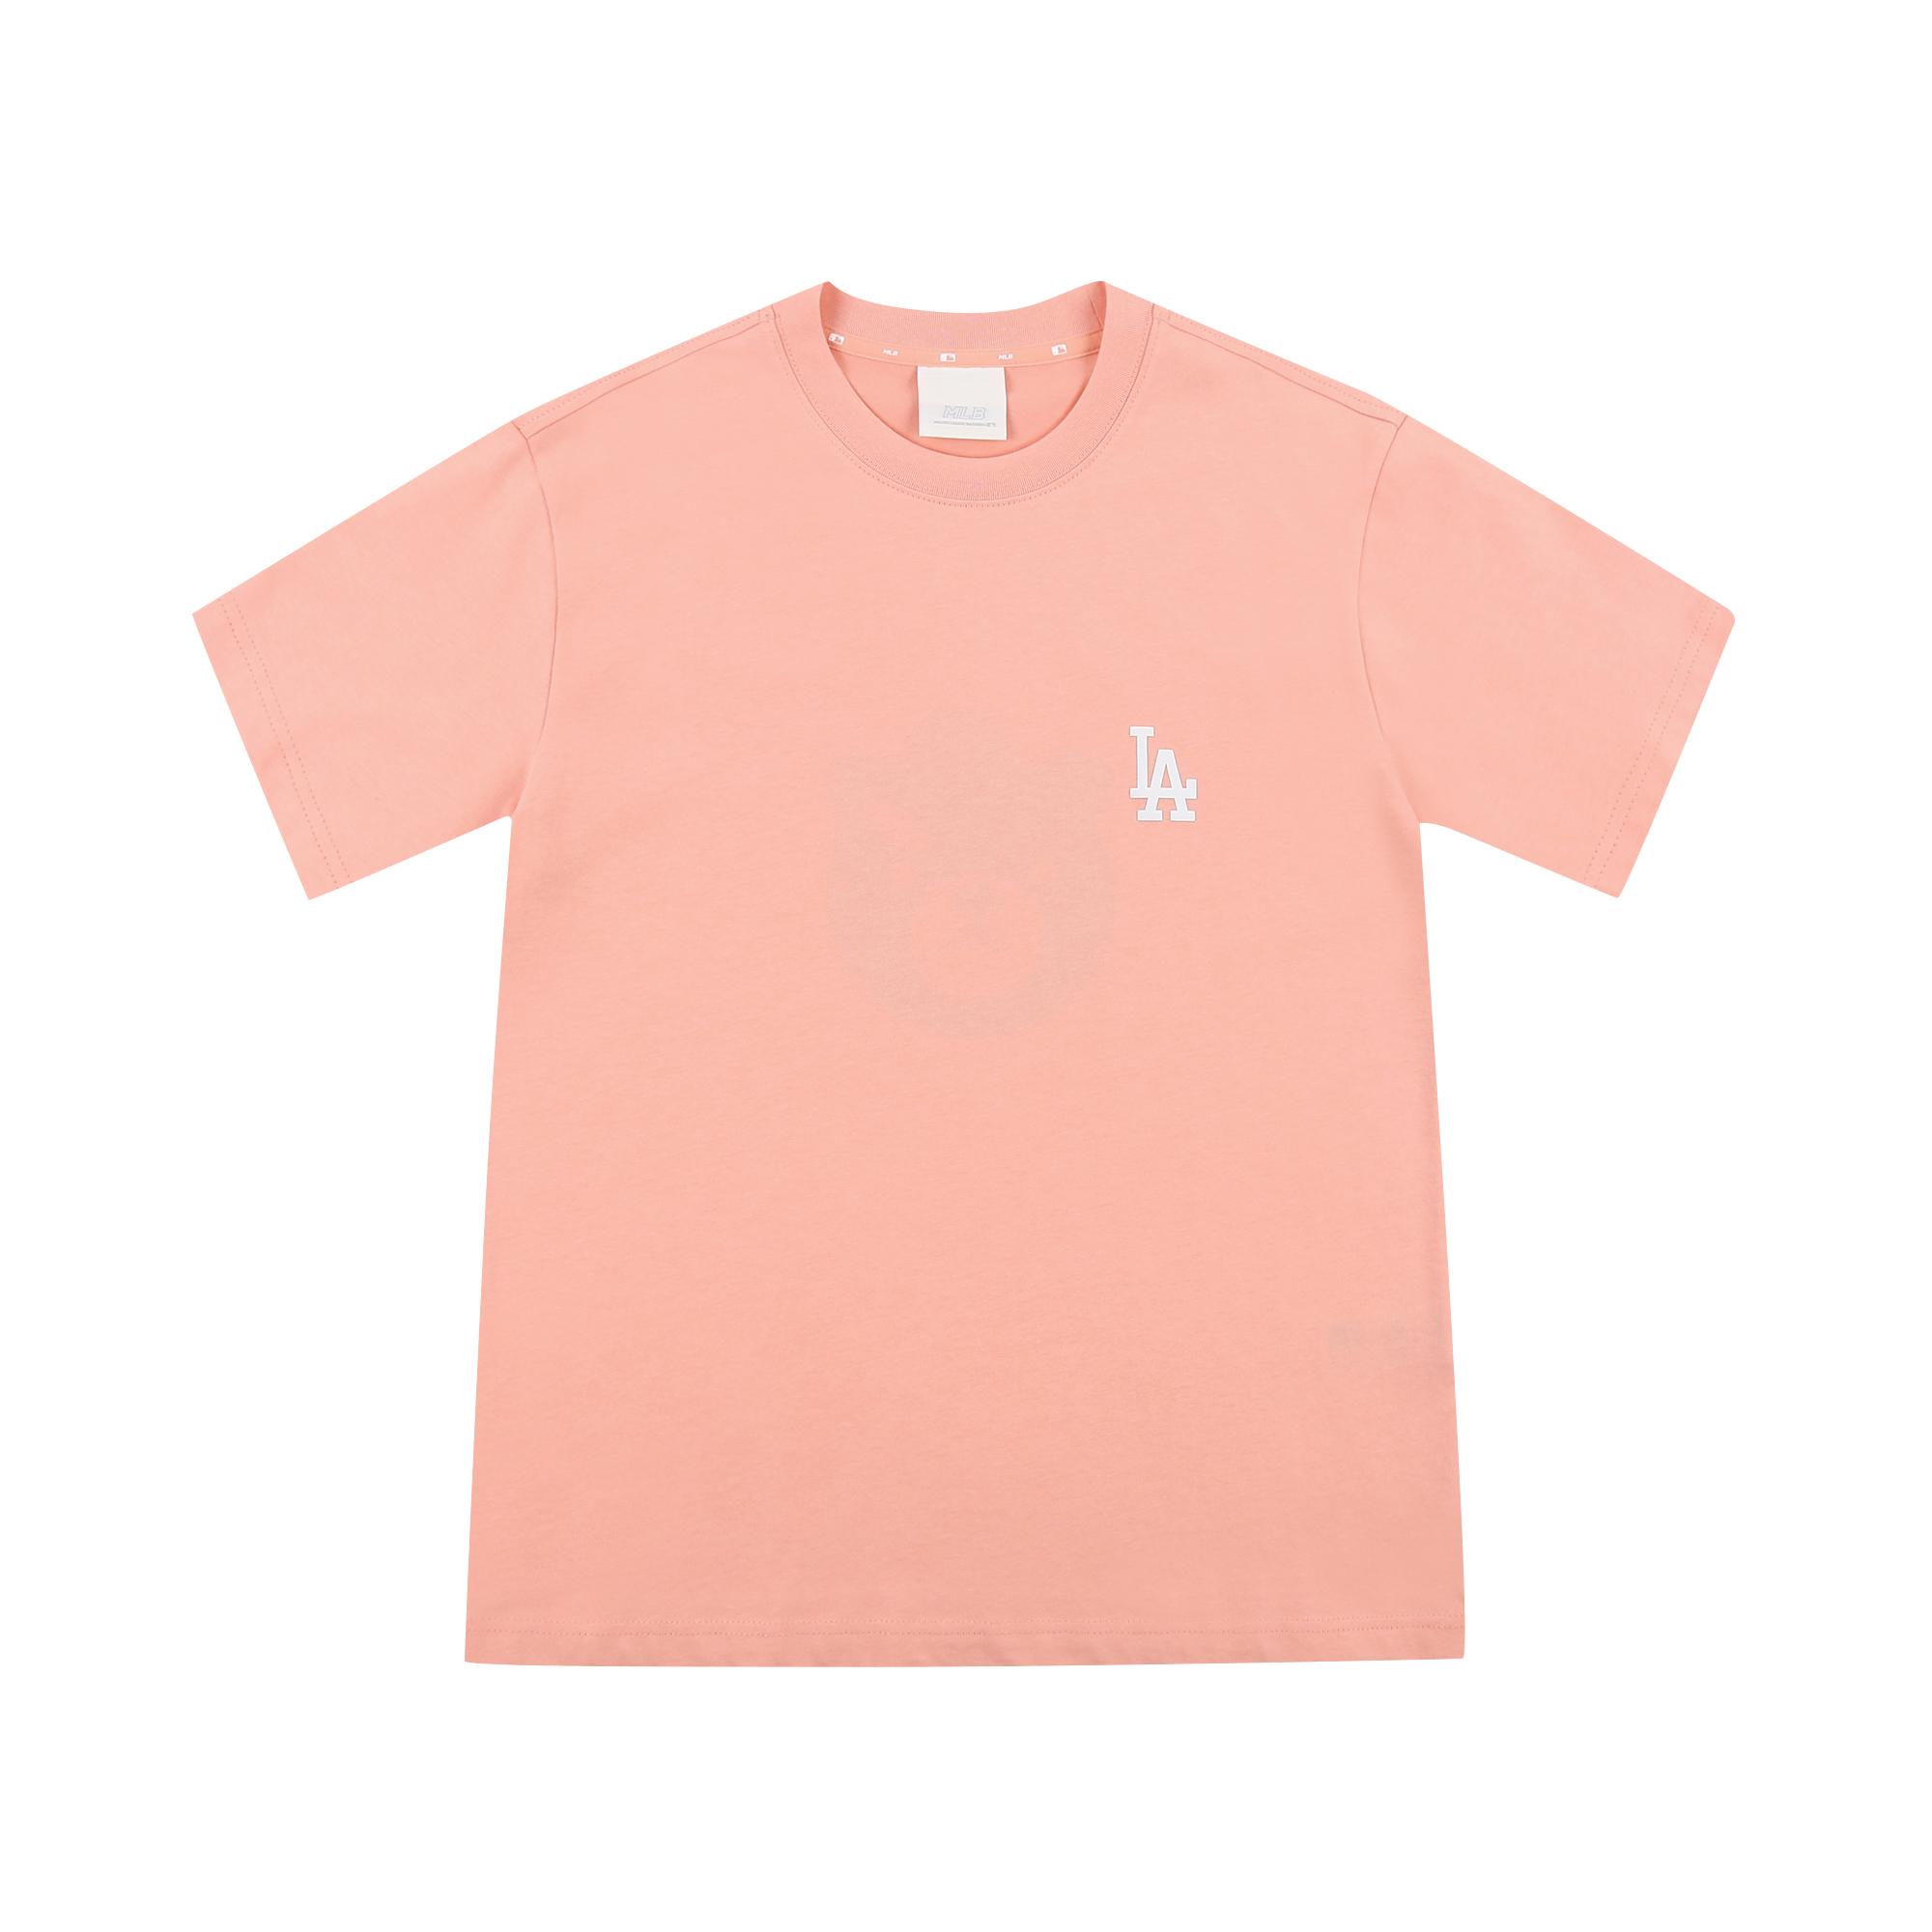 메가베어 반팔 티셔츠 LA다저스